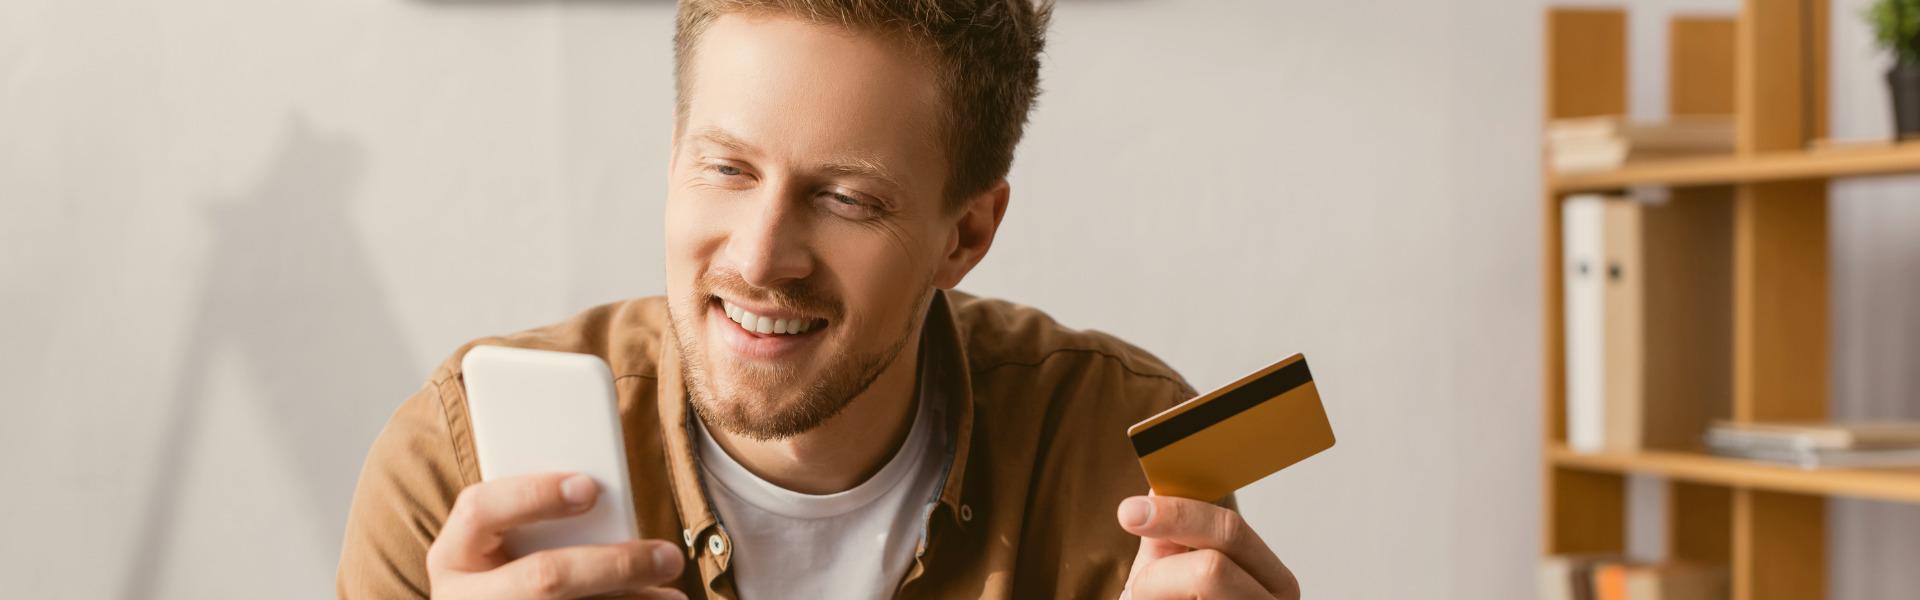 slider mybestdeal 8 - Gutscheincodes für Geschenke und Deko